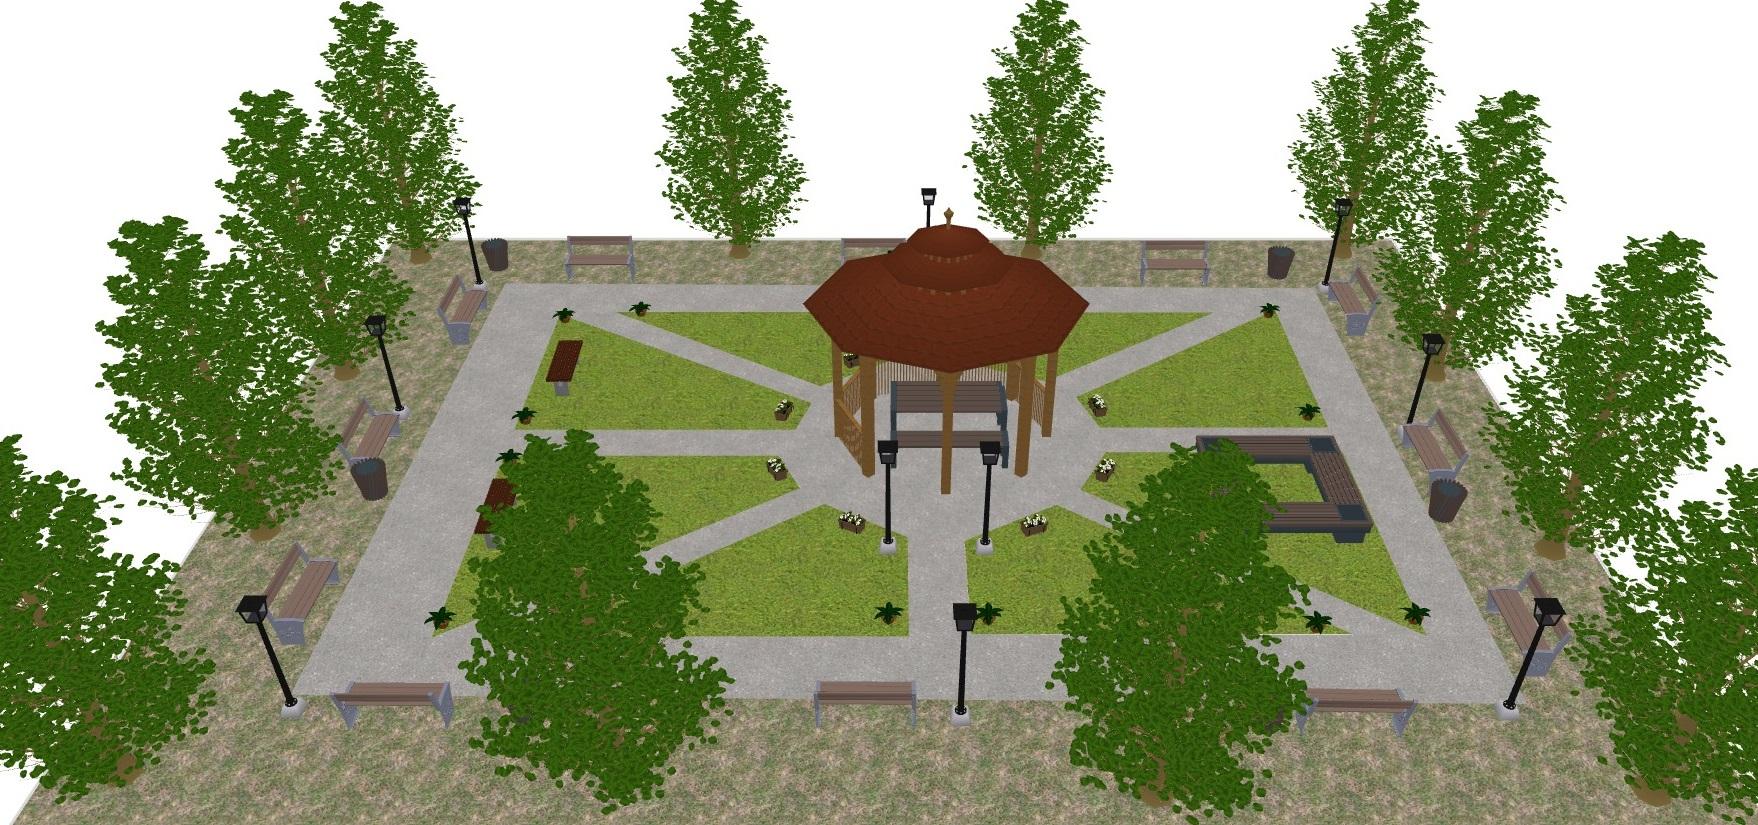 floor planner for outdoor spaces